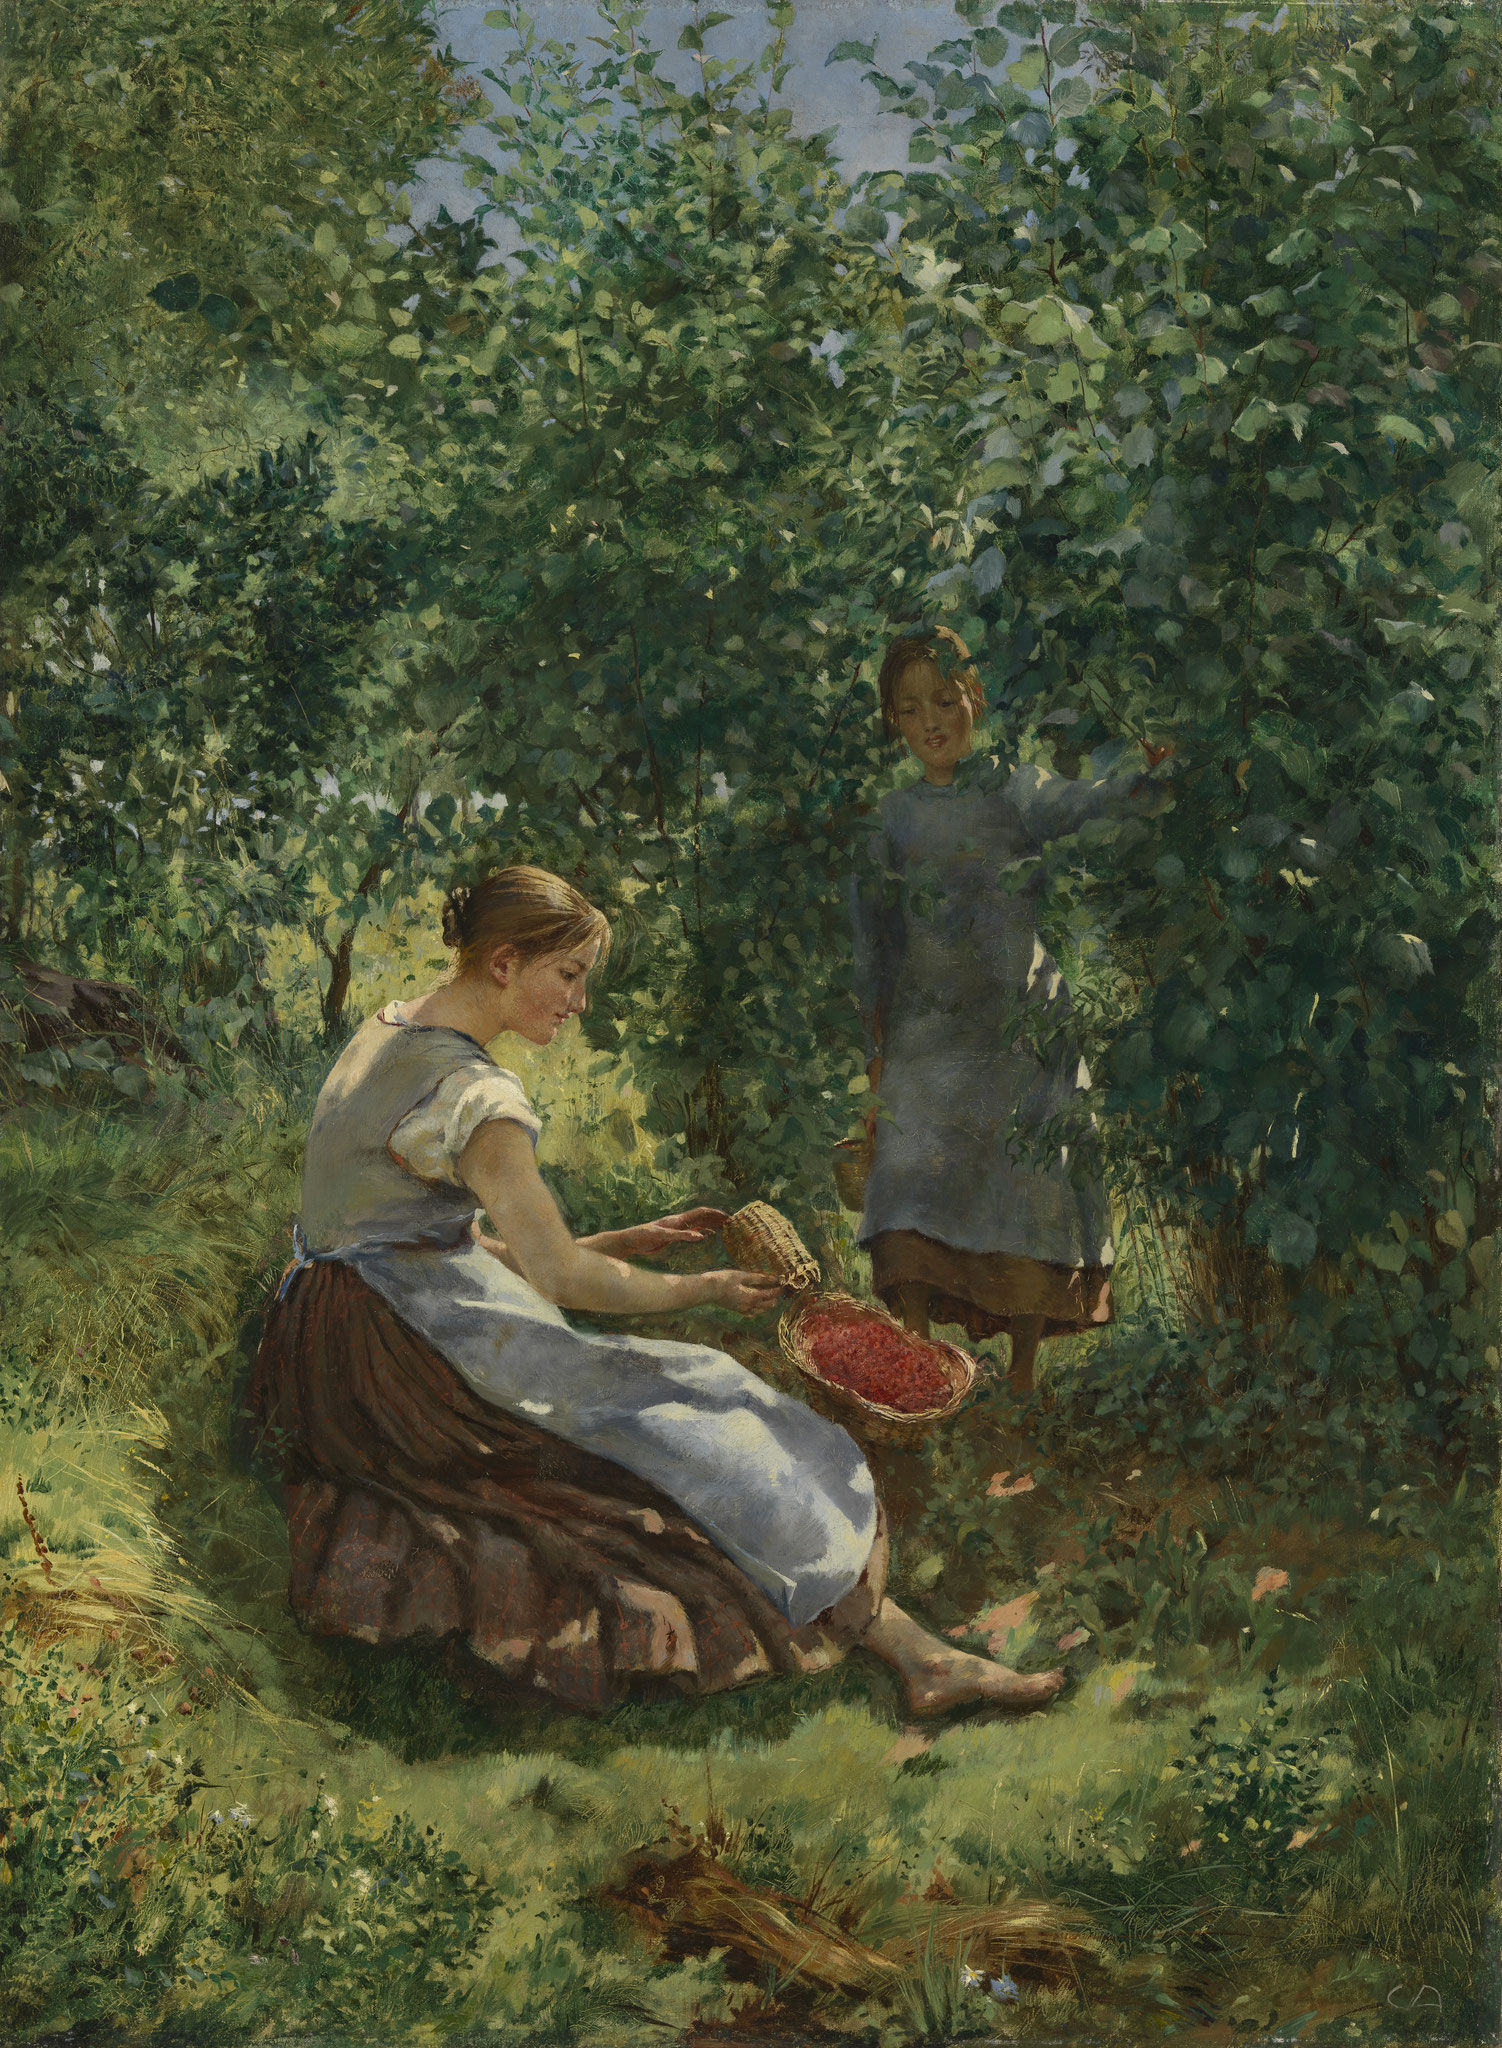 Cuno Amiet, Erdbeermädchen, 1889, Stiftung für Kunst, Kultur und Geschichte, Winterthur